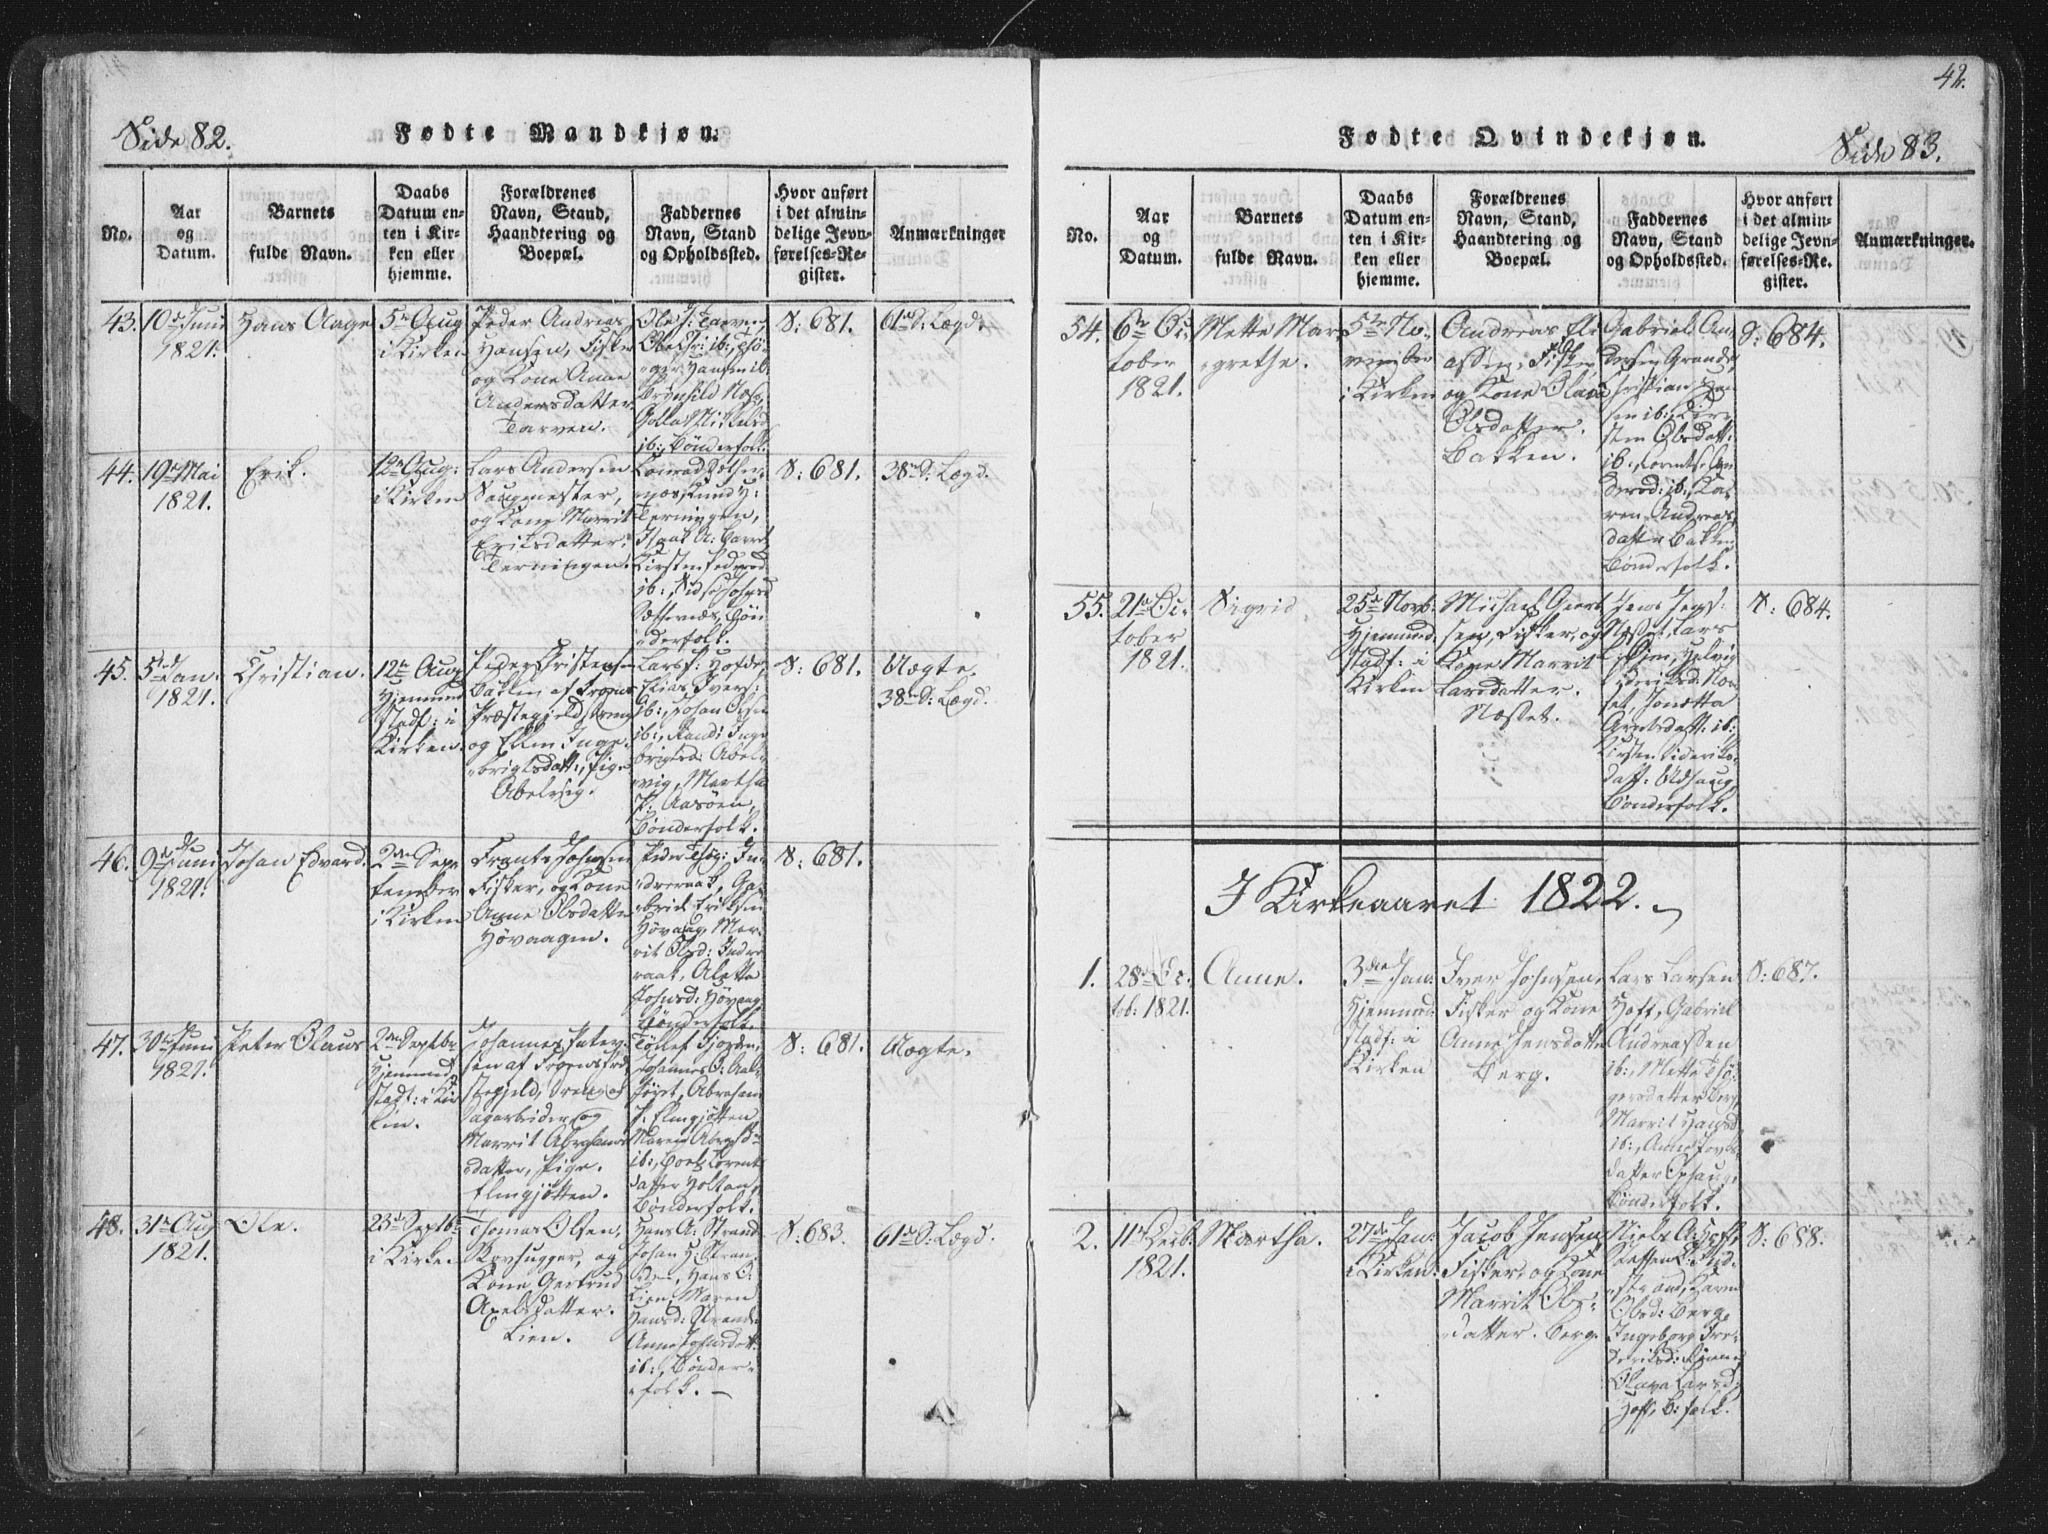 SAT, Ministerialprotokoller, klokkerbøker og fødselsregistre - Sør-Trøndelag, 659/L0734: Ministerialbok nr. 659A04, 1818-1825, s. 82-83